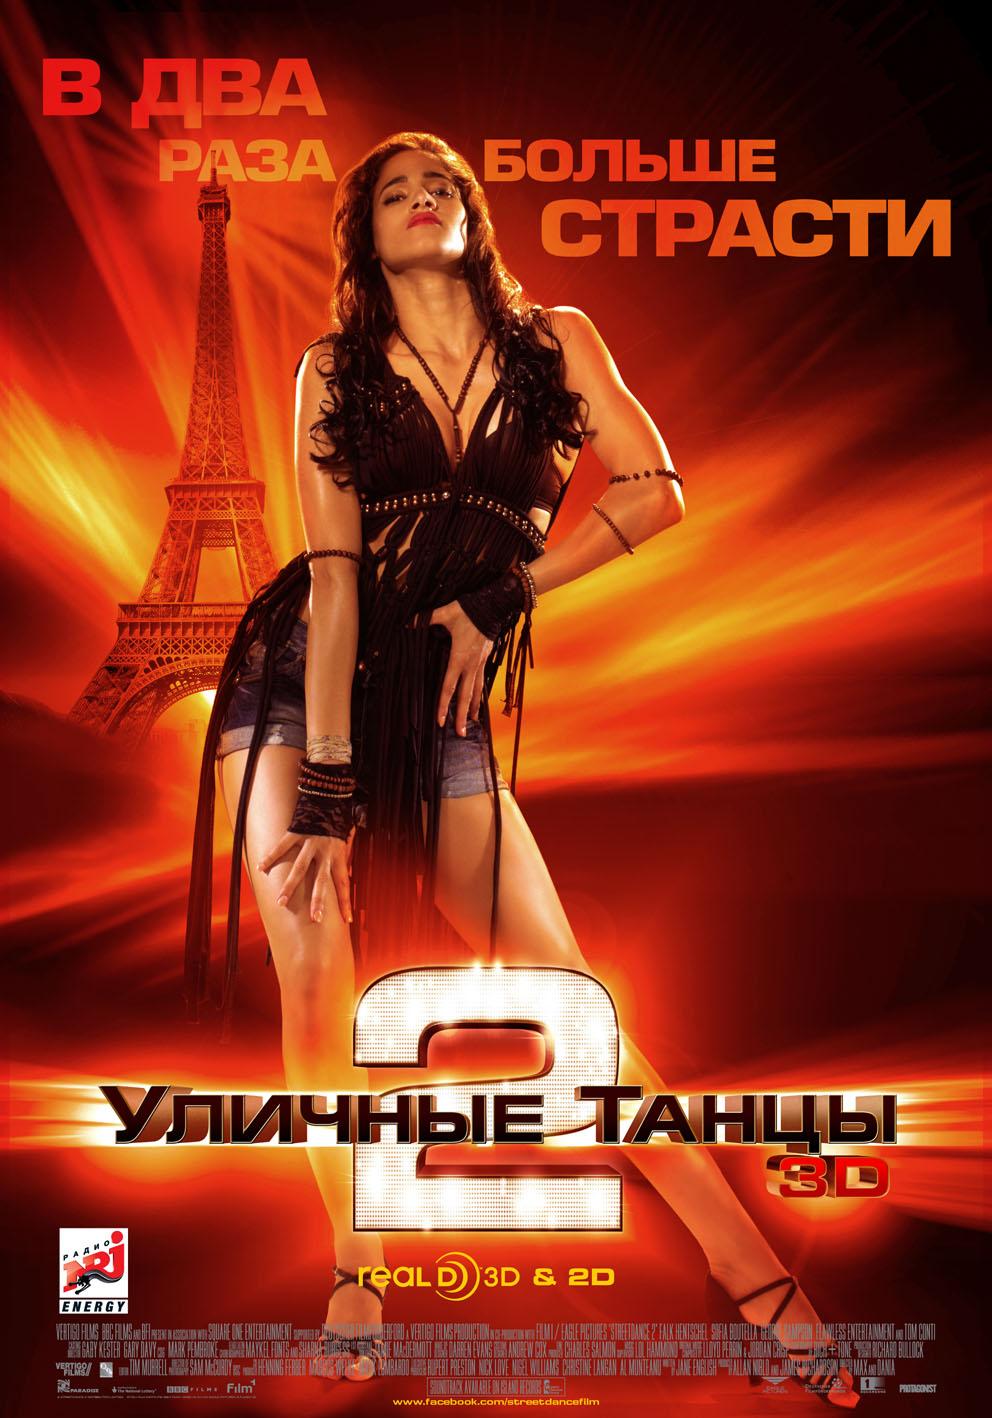 Российские звёзды эстрады трахаються смотреть онлайн бесплатно 5 фотография